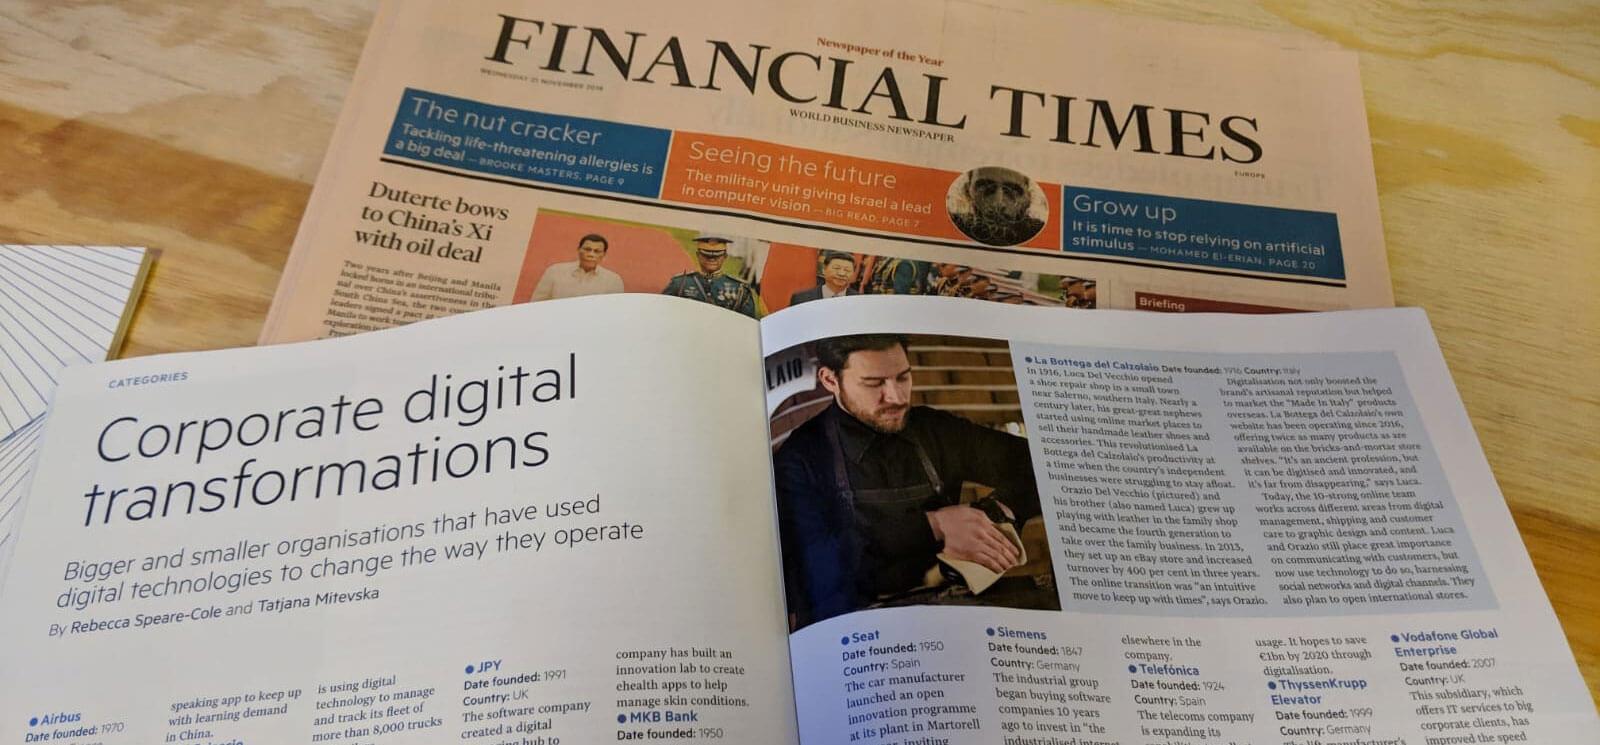 La Bottega del Calzolaio top 100 in Europa per il Financial Times